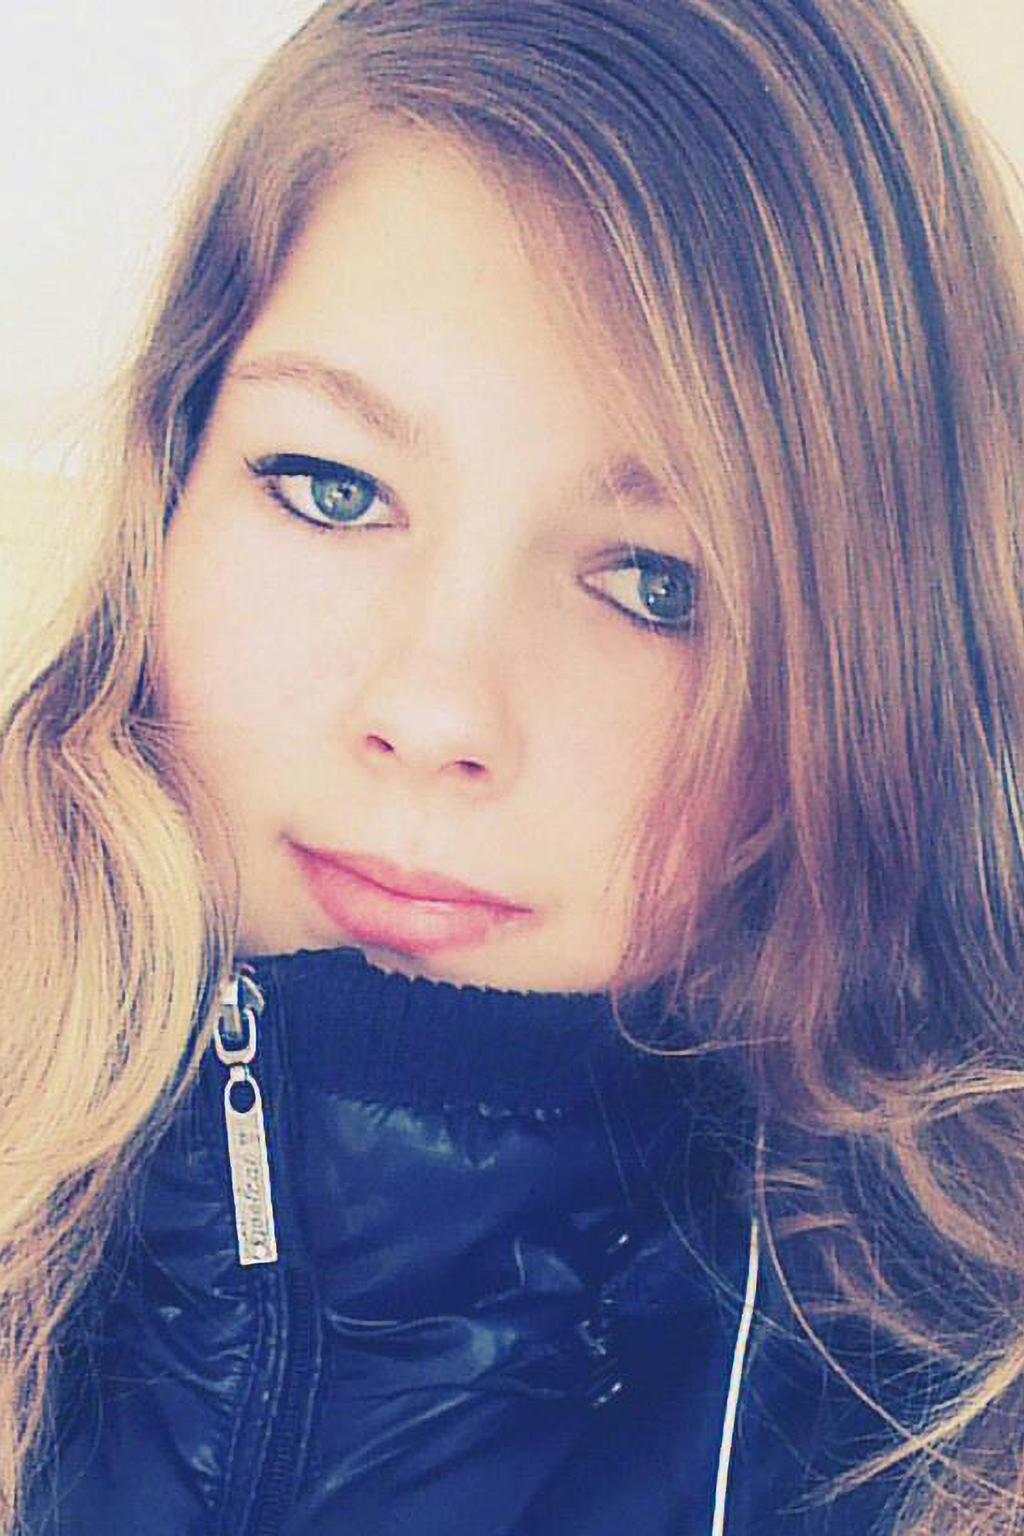 Jessica Aaldering (23) ist jetzt dreifache Mutter.